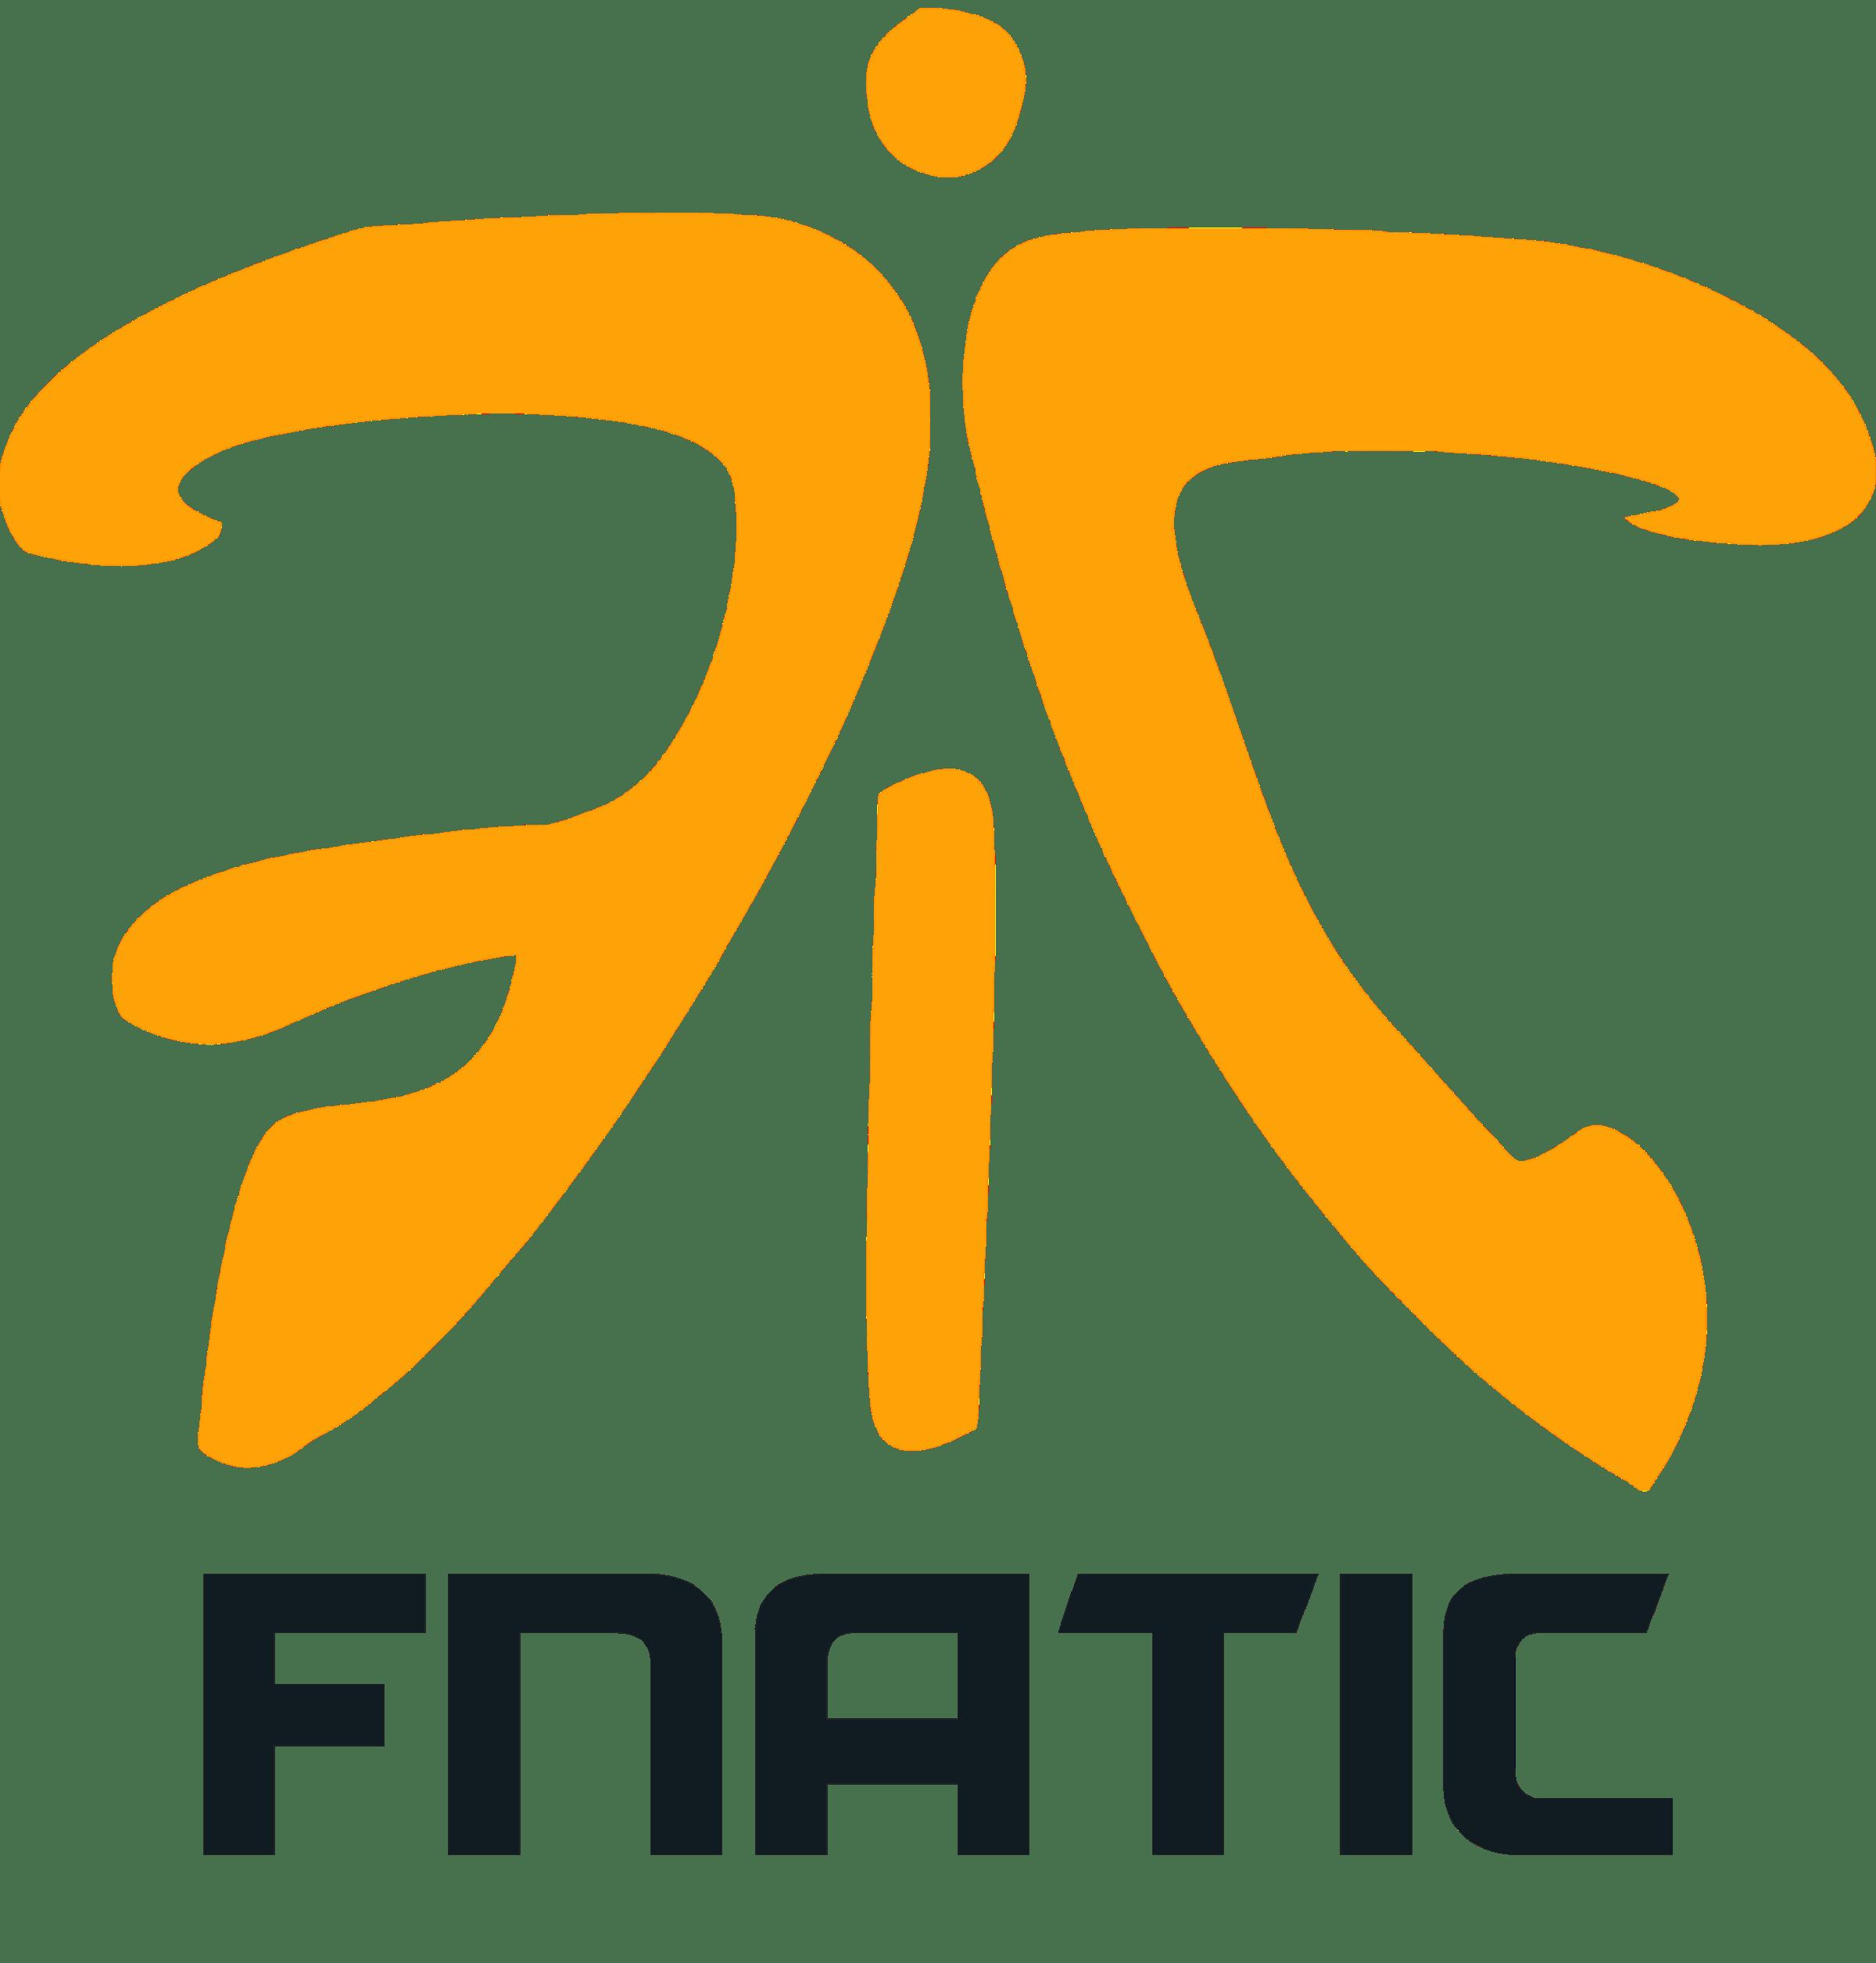 Fnatic company logo